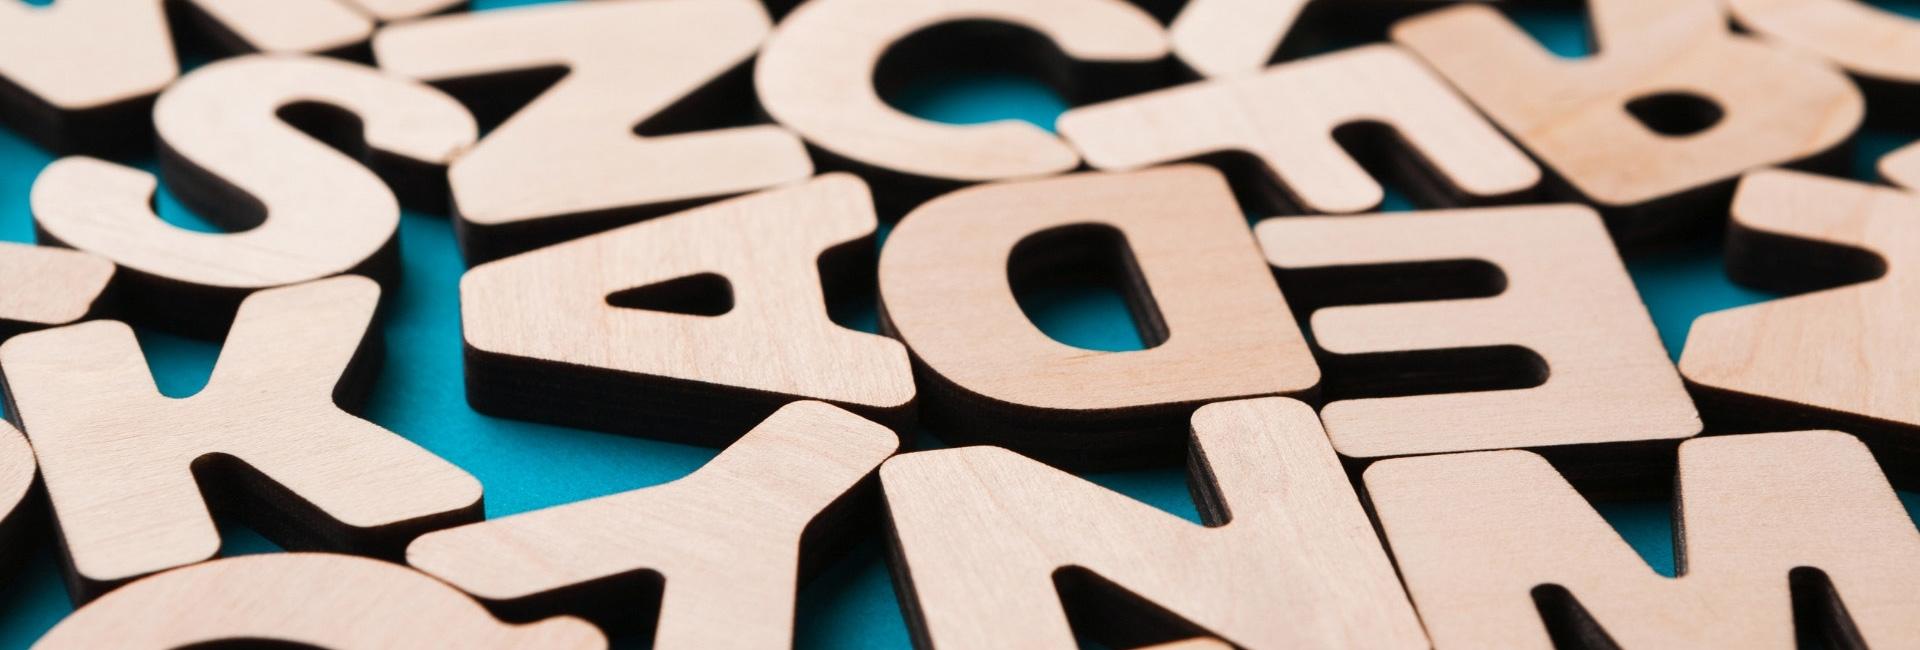 Große abgerundete Holzbuchstaben liegen auf einem blauen Tisch.